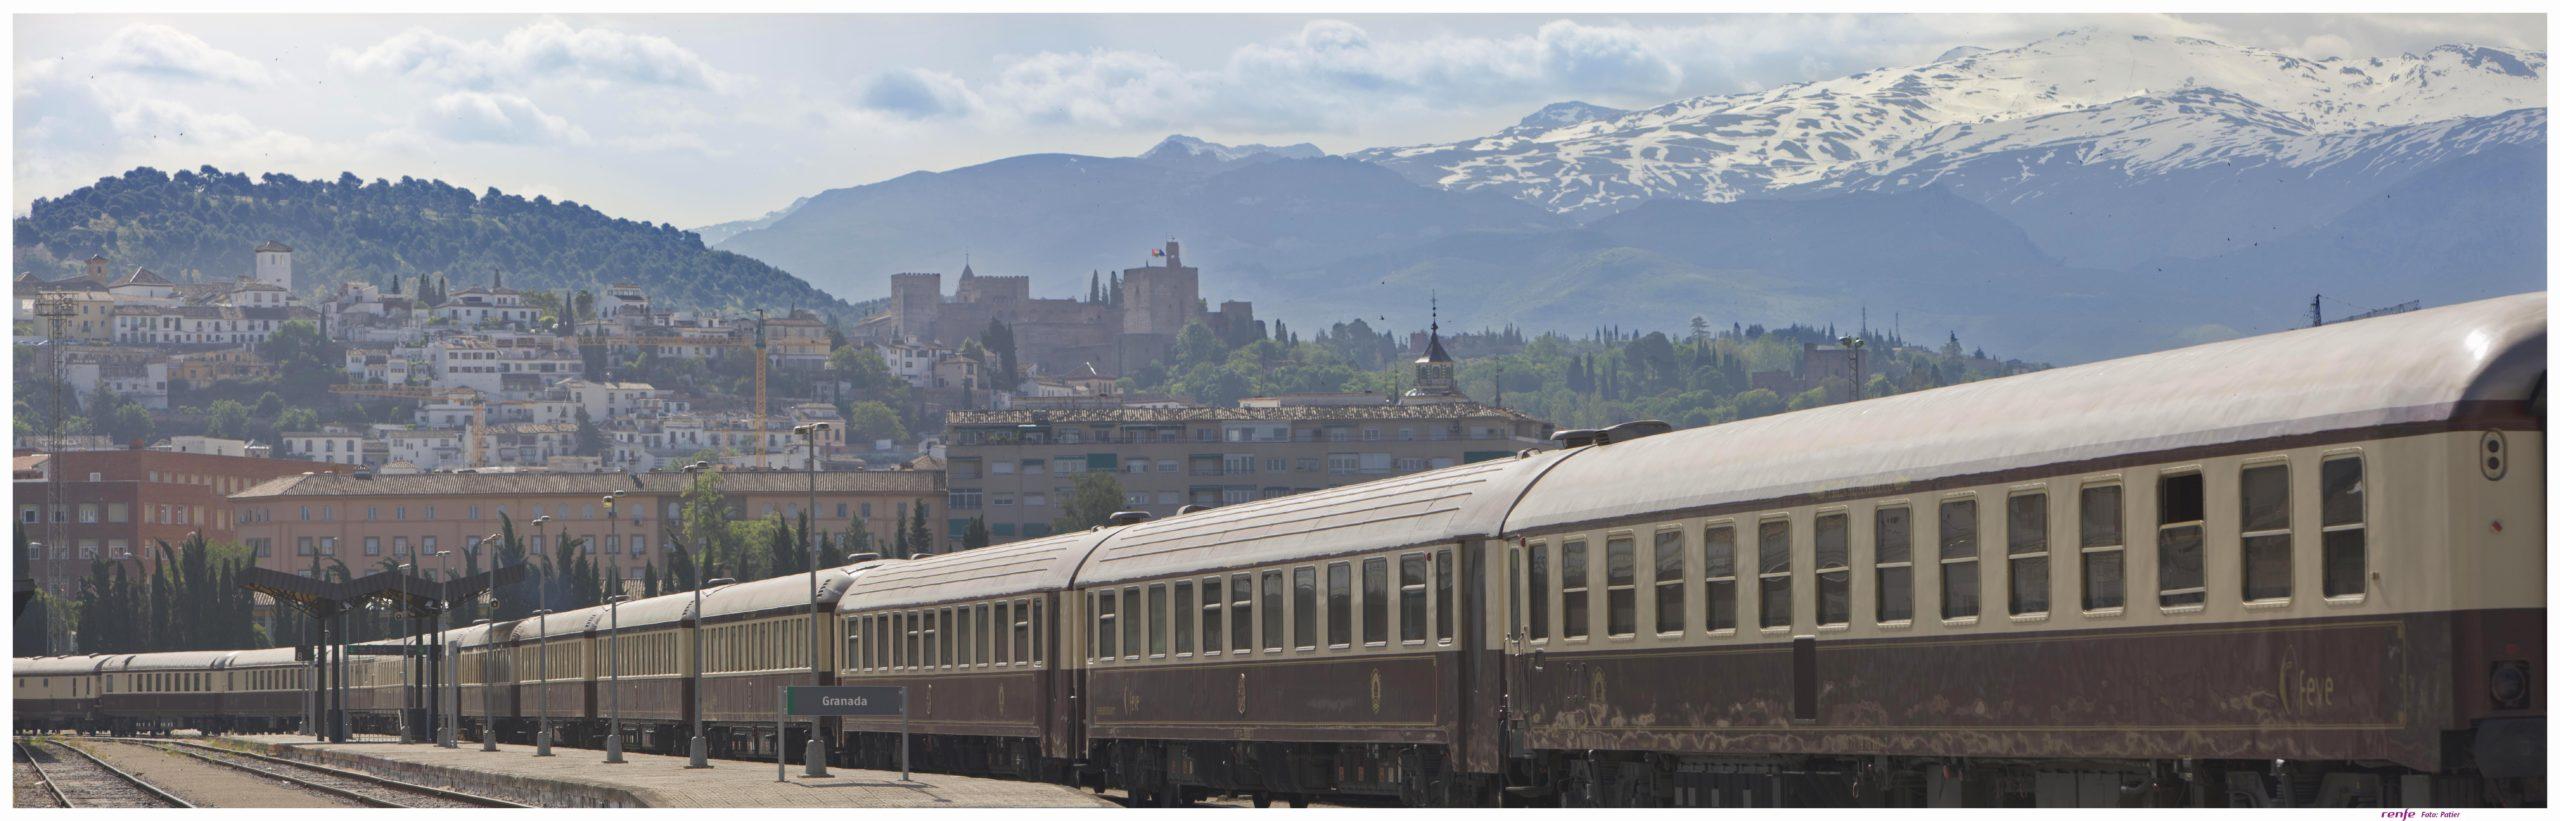 Al Andalus - Estacion de Granada.jpg